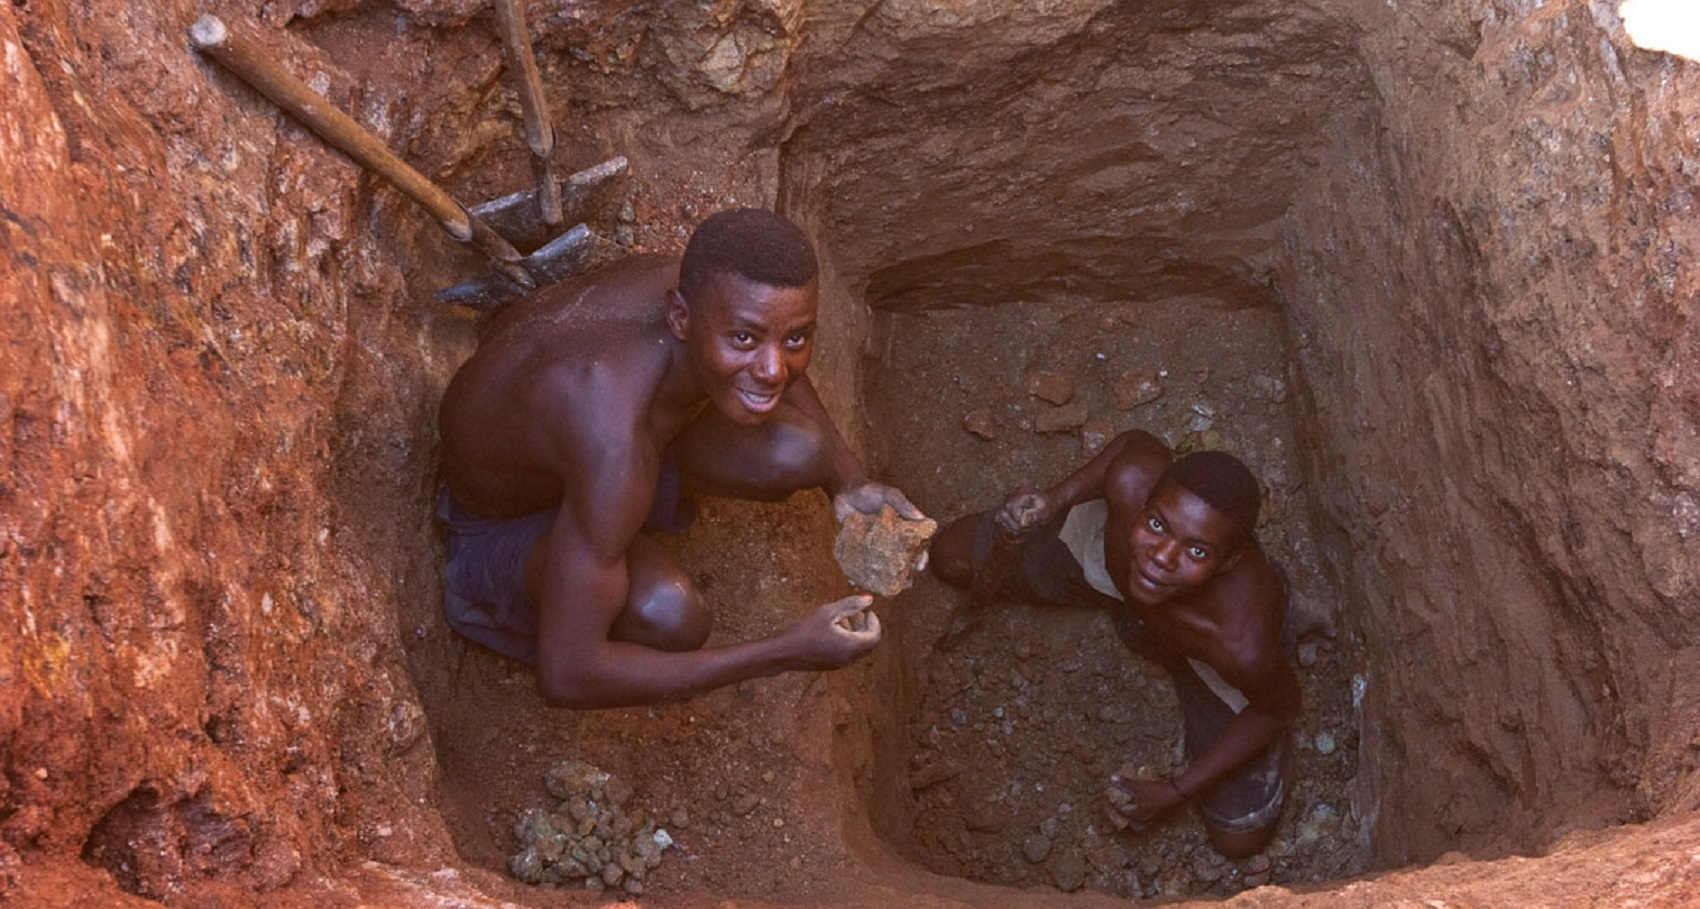 La mafia capitalista e lo sfruttamento: i bambini africani per estrarre e quelli cinesi per assemblare